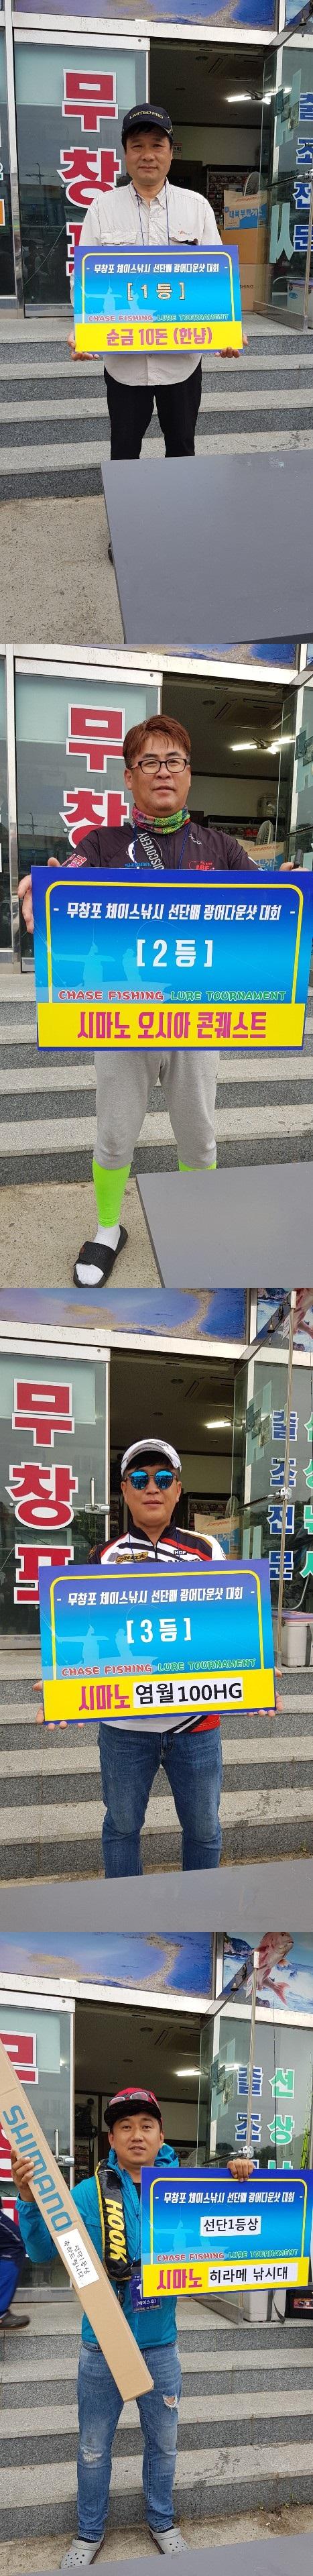 """""""체이스호"""" 6월 30일 체이스선단 광어다운샷대회 조황입니다.."""